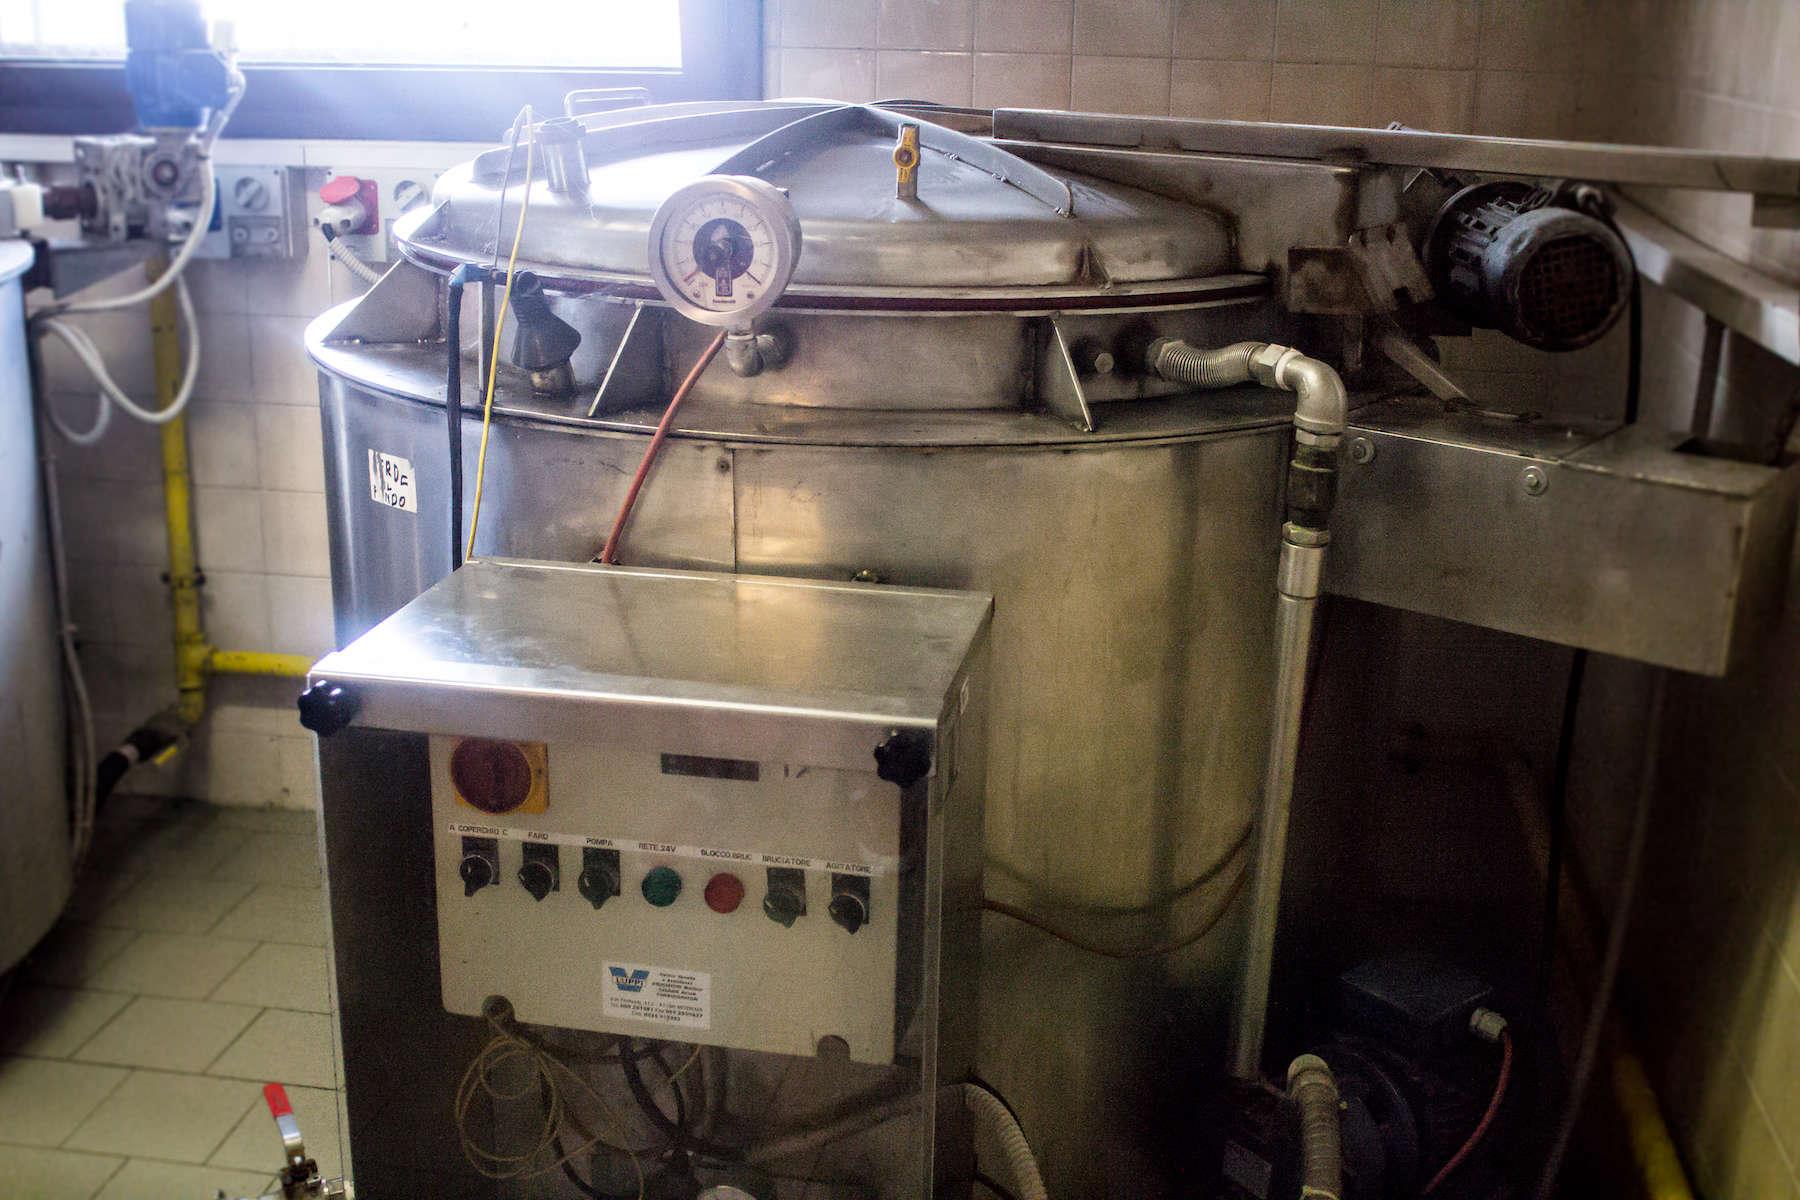 Et kogekar, hvor den pressede druemost koges i 24 timer ved 85°.